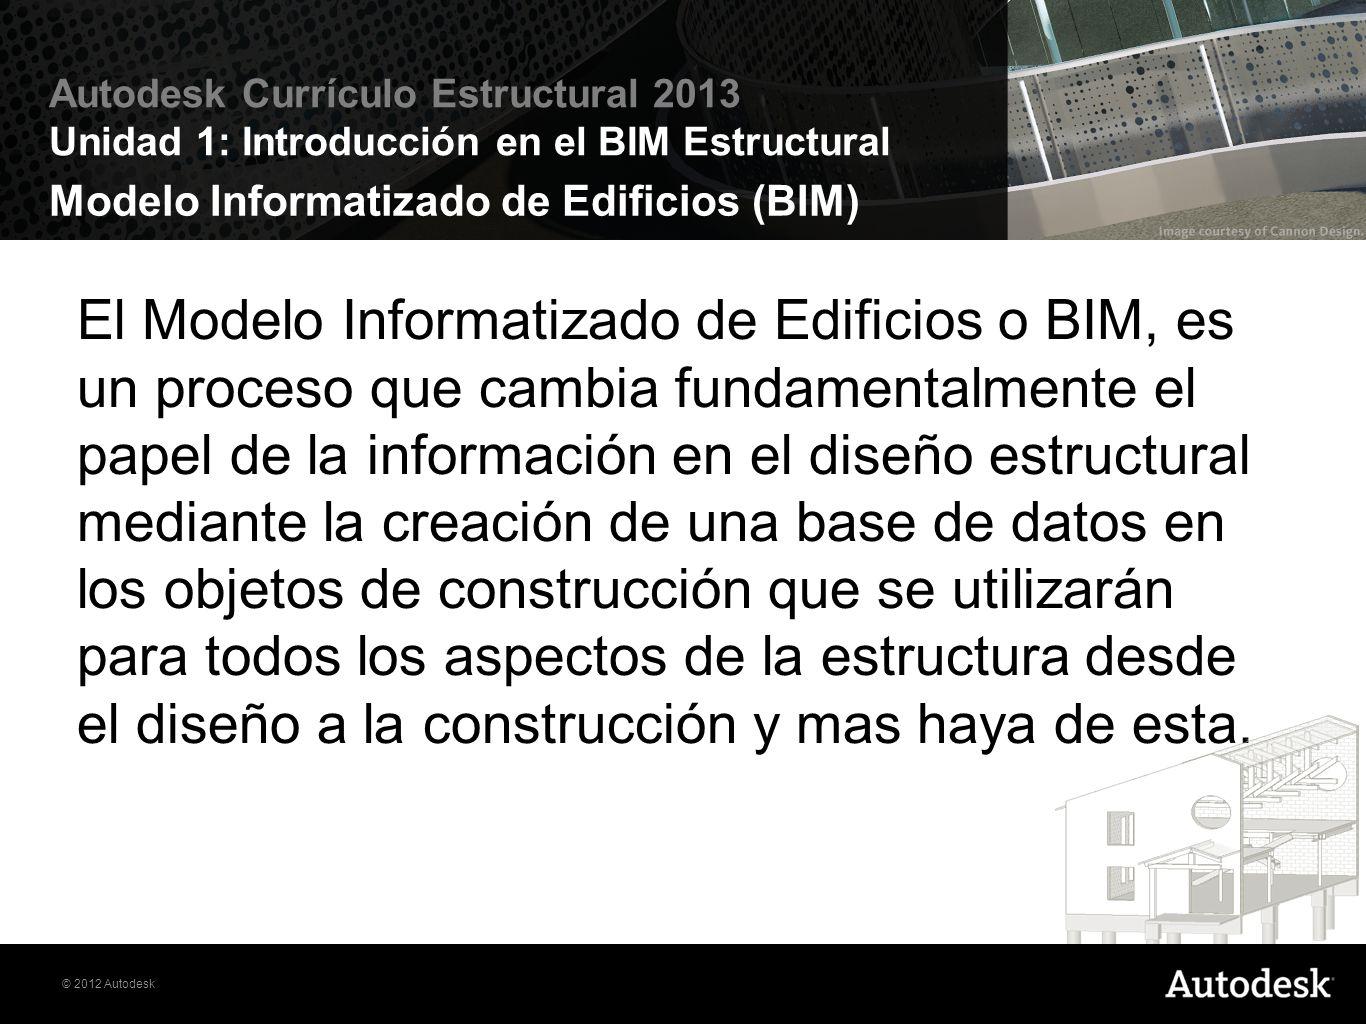 © 2012 Autodesk Autodesk Currículo Estructural 2013 Unidad 1: Introducción en el BIM Estructural Diferencias entre Dibujo Manual, CAD, BIM Figure 1.1.